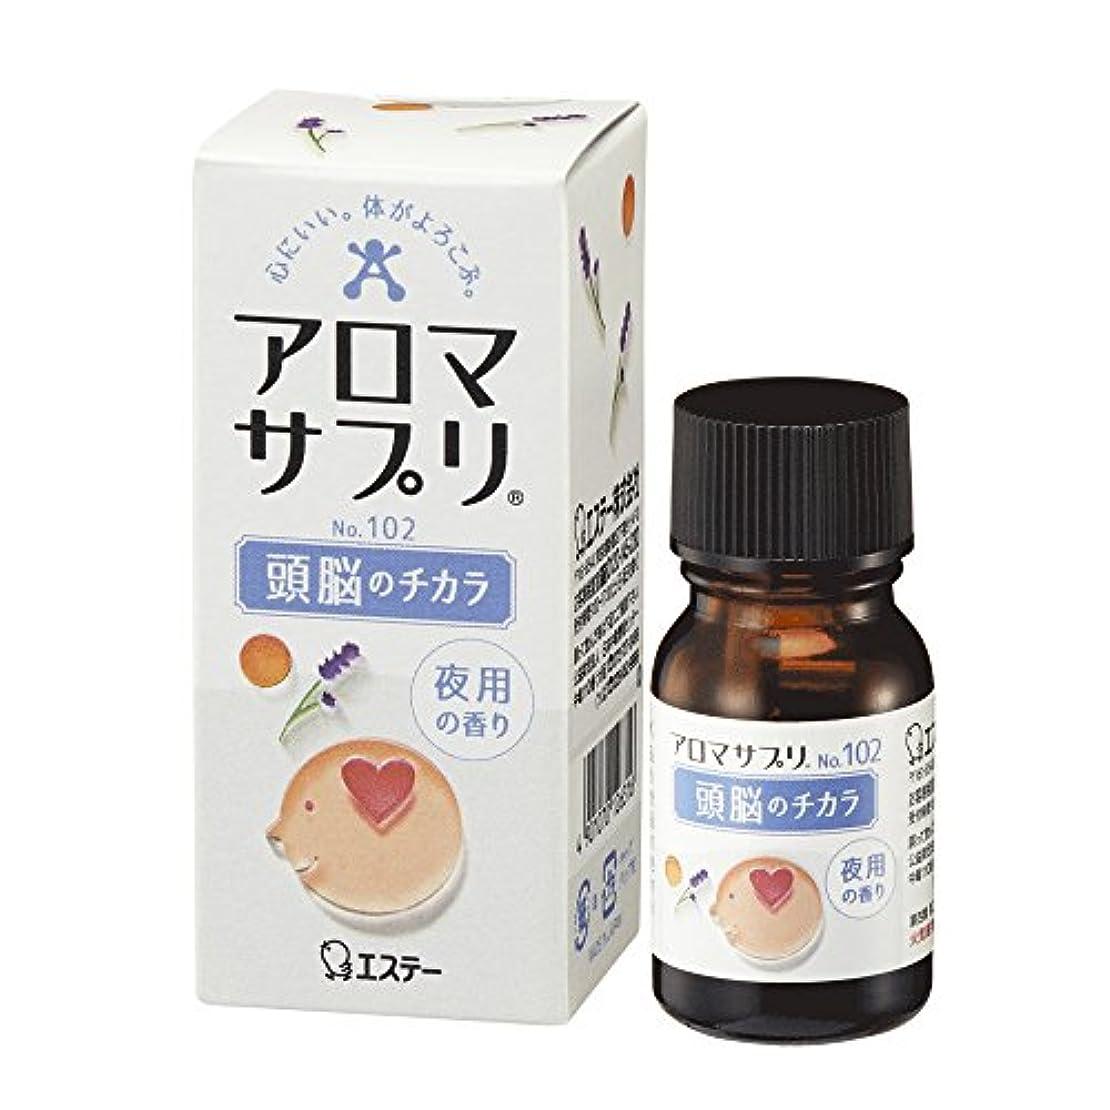 弱い防ぐ送信するアロマサプリ 100%天然ブレンドアロマ 頭脳のチカラ 夜用の香り 真正ラベンダー&スイートオレンジ 10ml (約60回分)